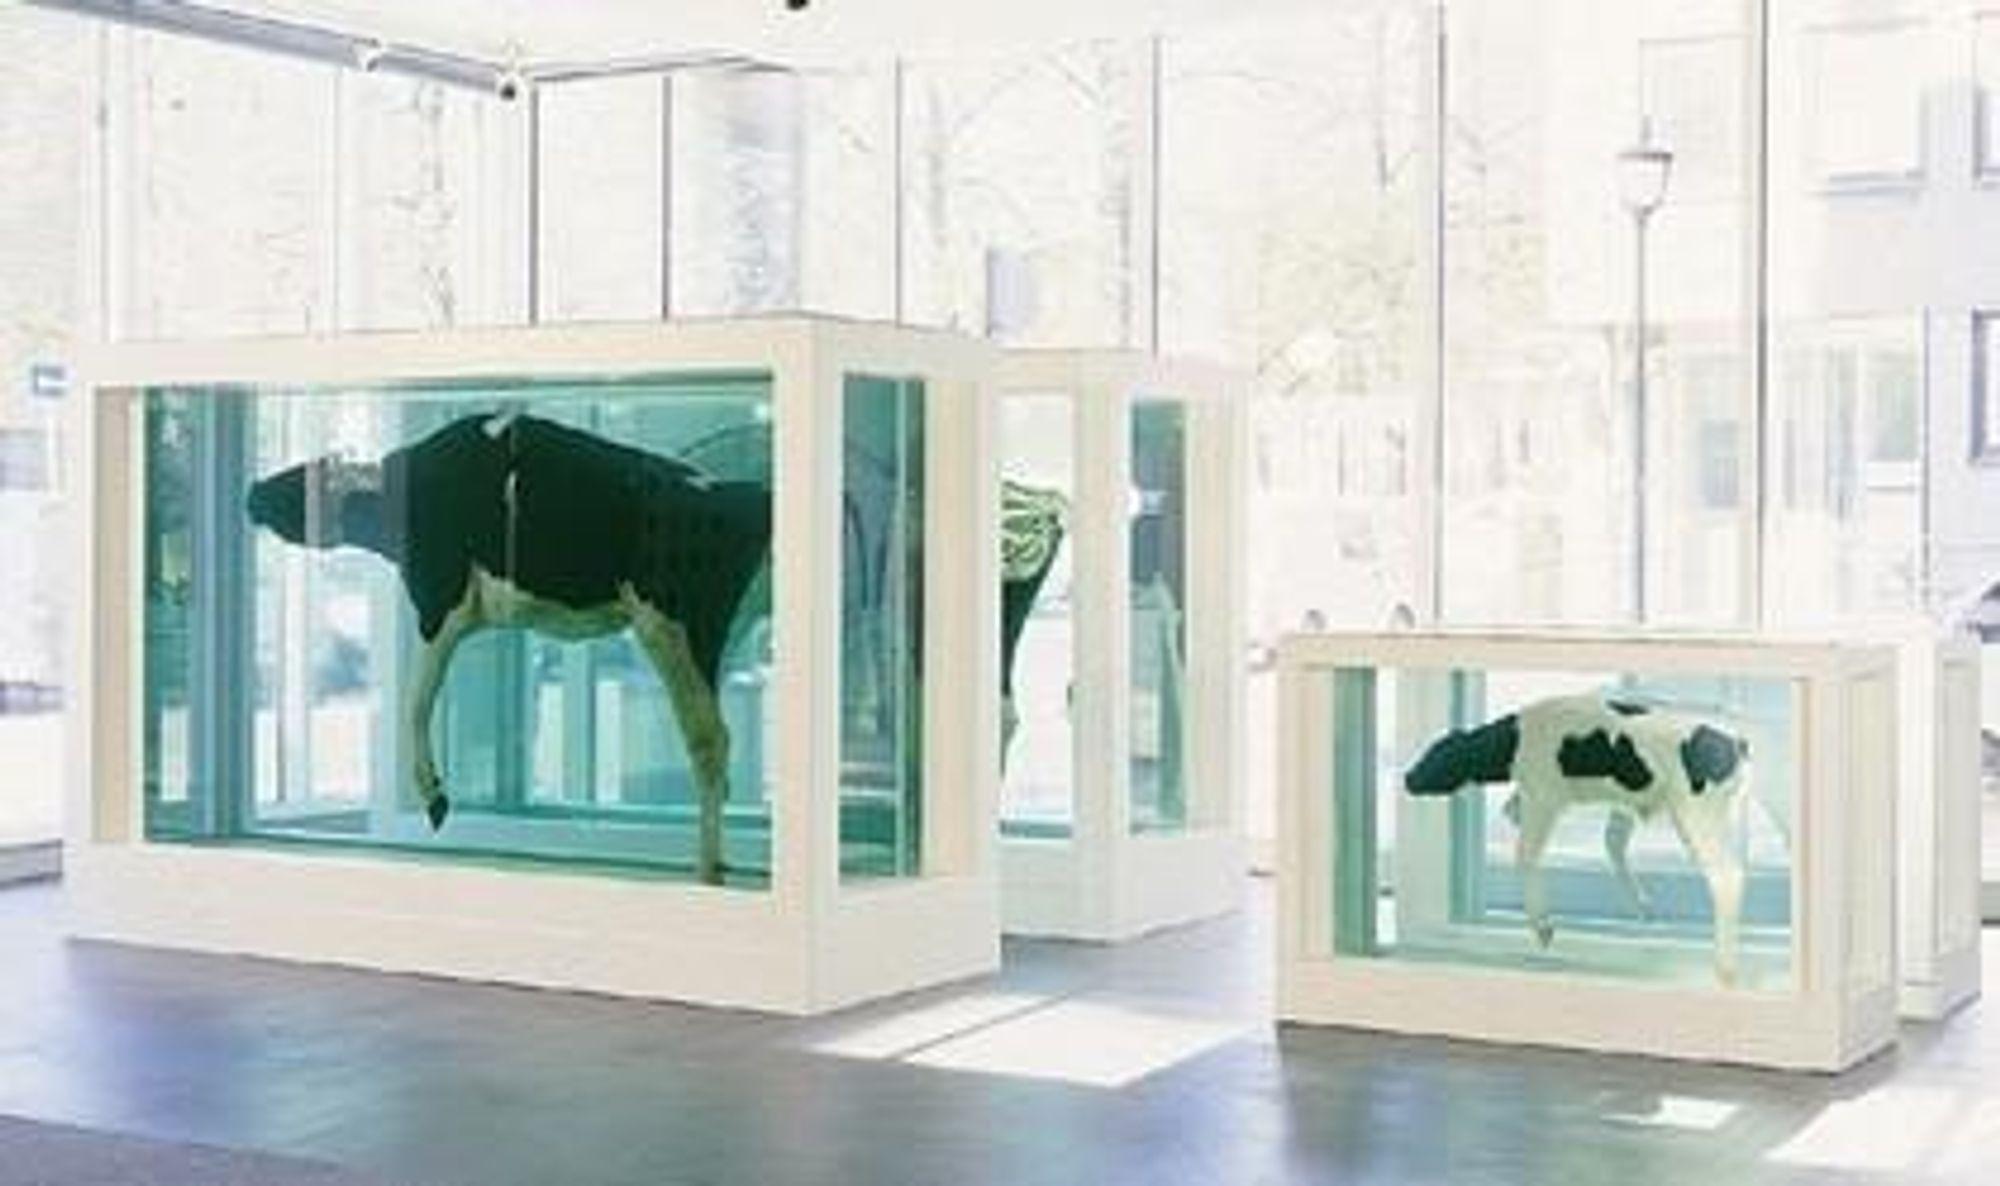 RÅTNER?: Vil et av de mest kjente kunstverkene til Astrup Fearnley-museet råtne fordi det er lagt i formaldehydoppløsning? Mother and Child, Divided ble kjøpt i 1996. FOTO: ASTRUP FEARNLEY MUSEET FOR MODERNE KUNST